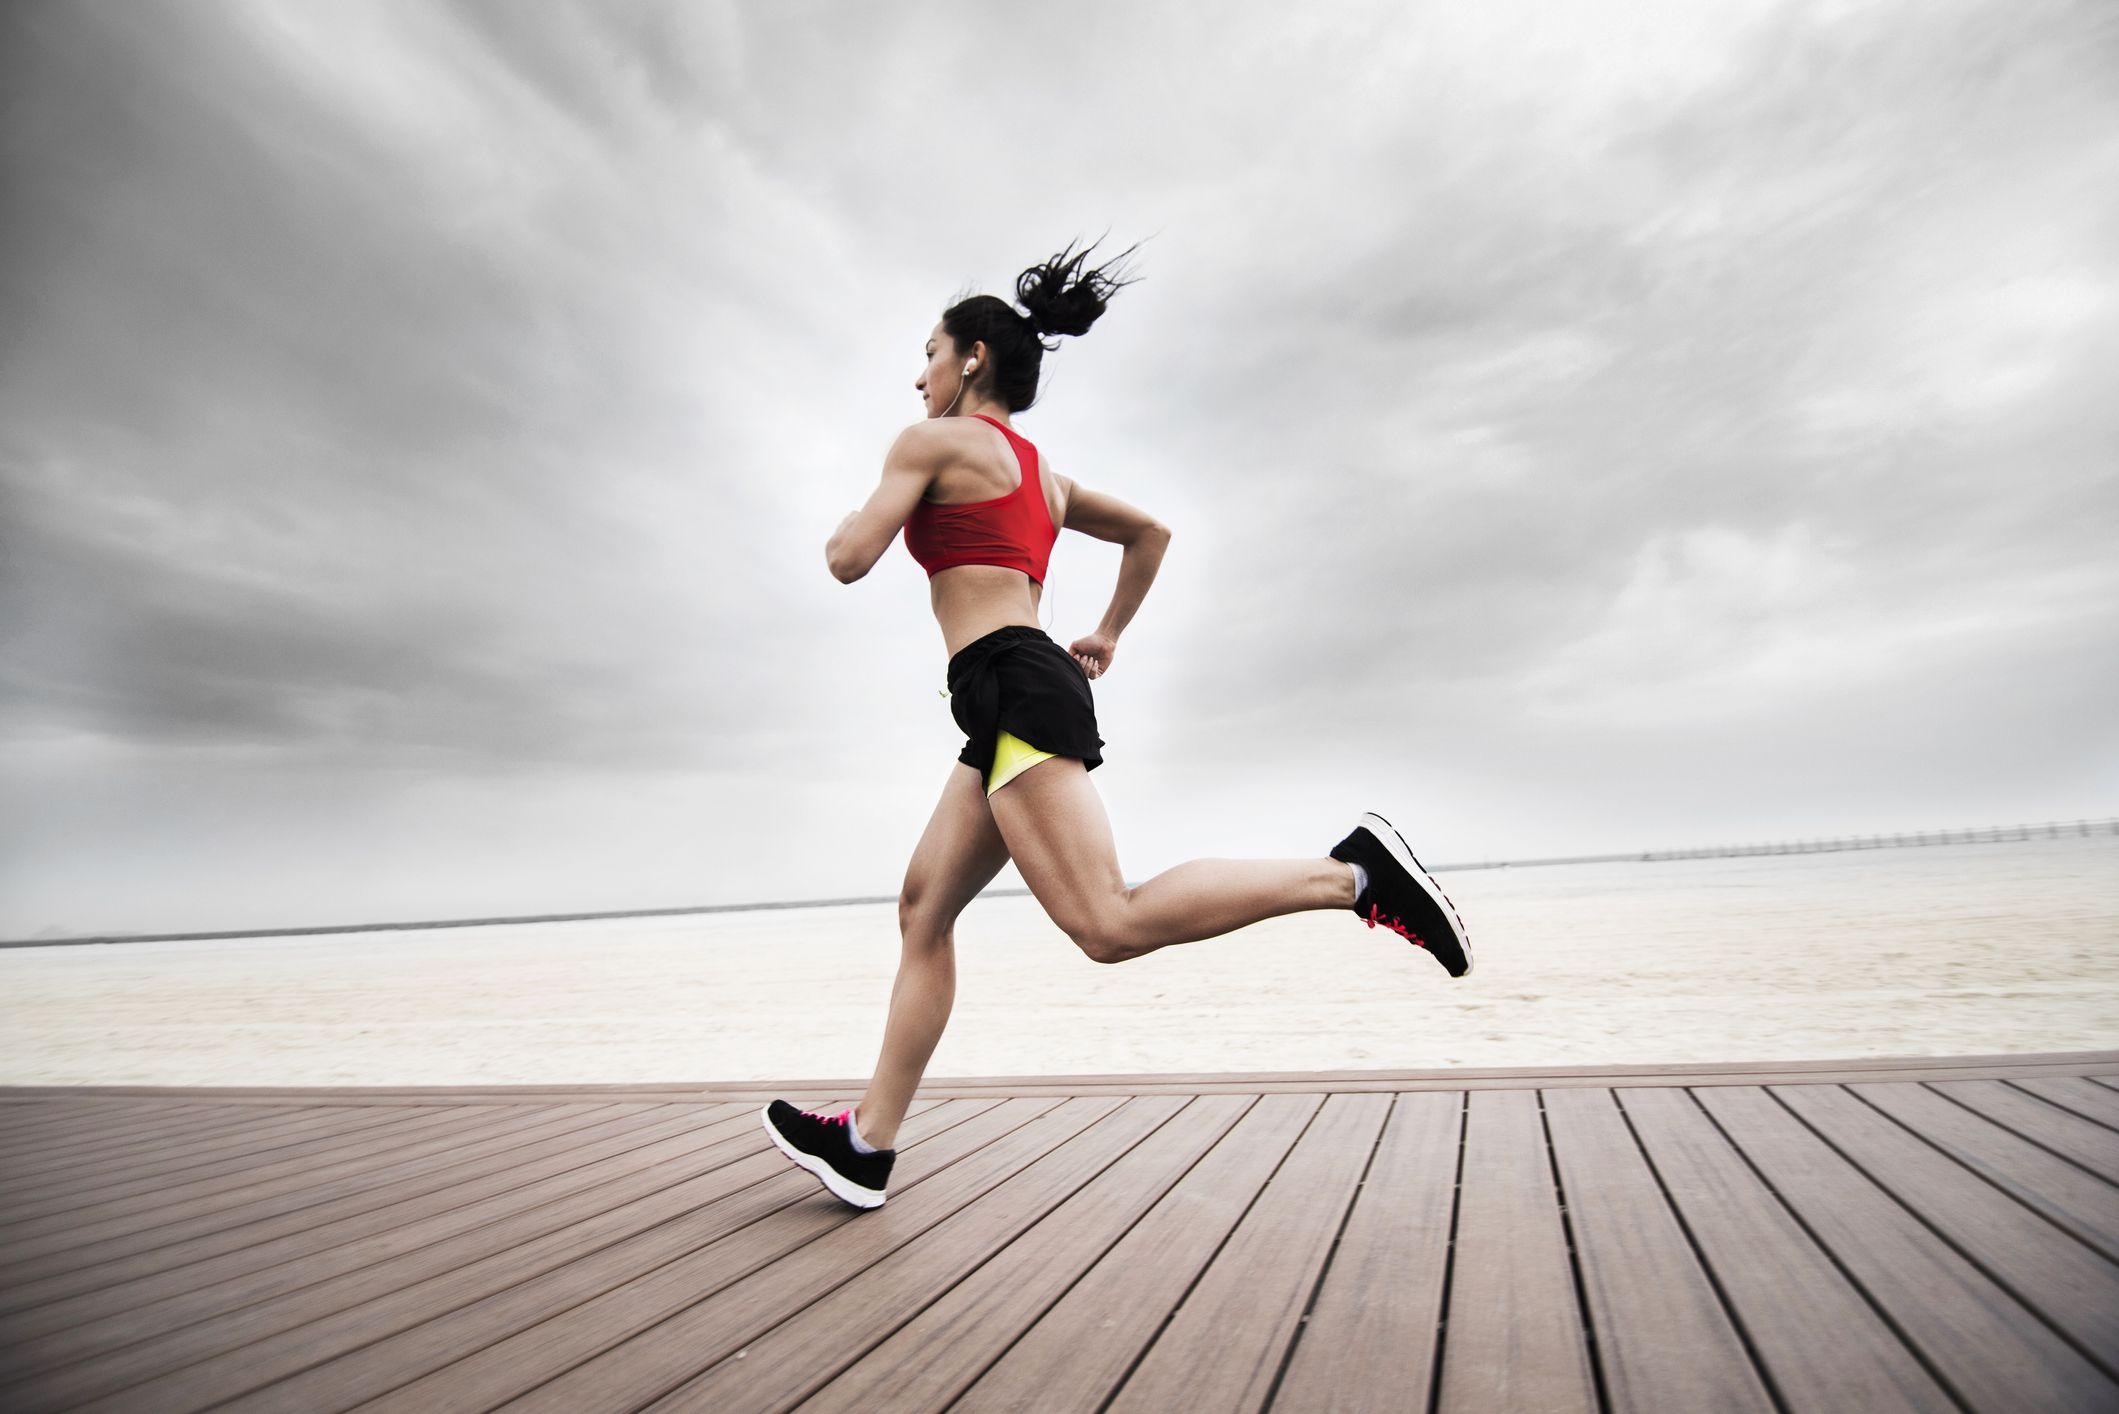 Kỹ thuật thân dưới - điều kiện quan trọng giúp quá trình chạy bộ giảm cân hiệu quả